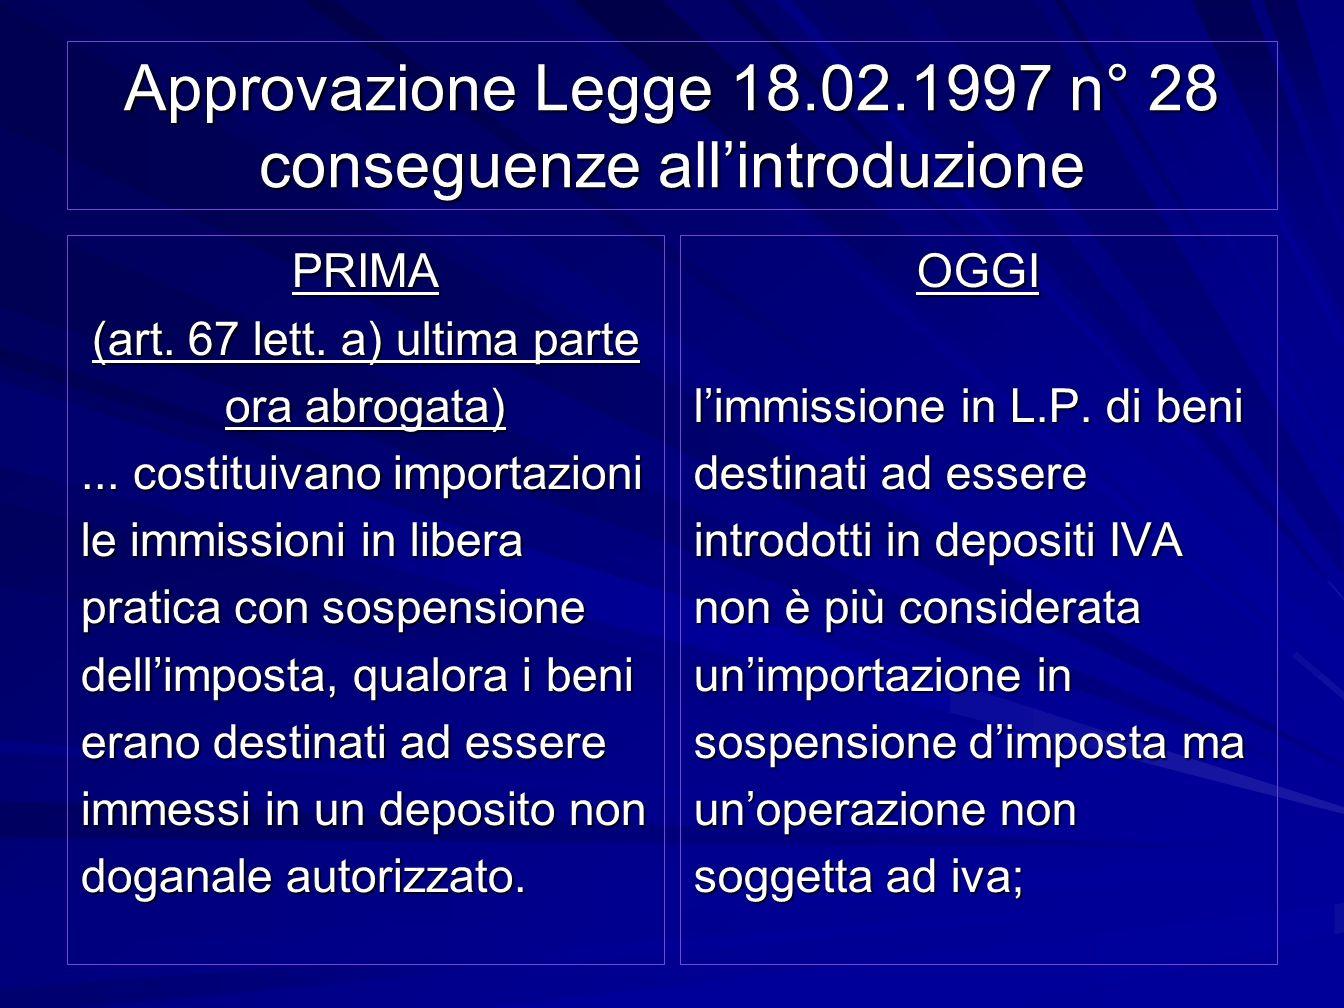 Approvazione Legge 18.02.1997 n° 28 conseguenze all'introduzione